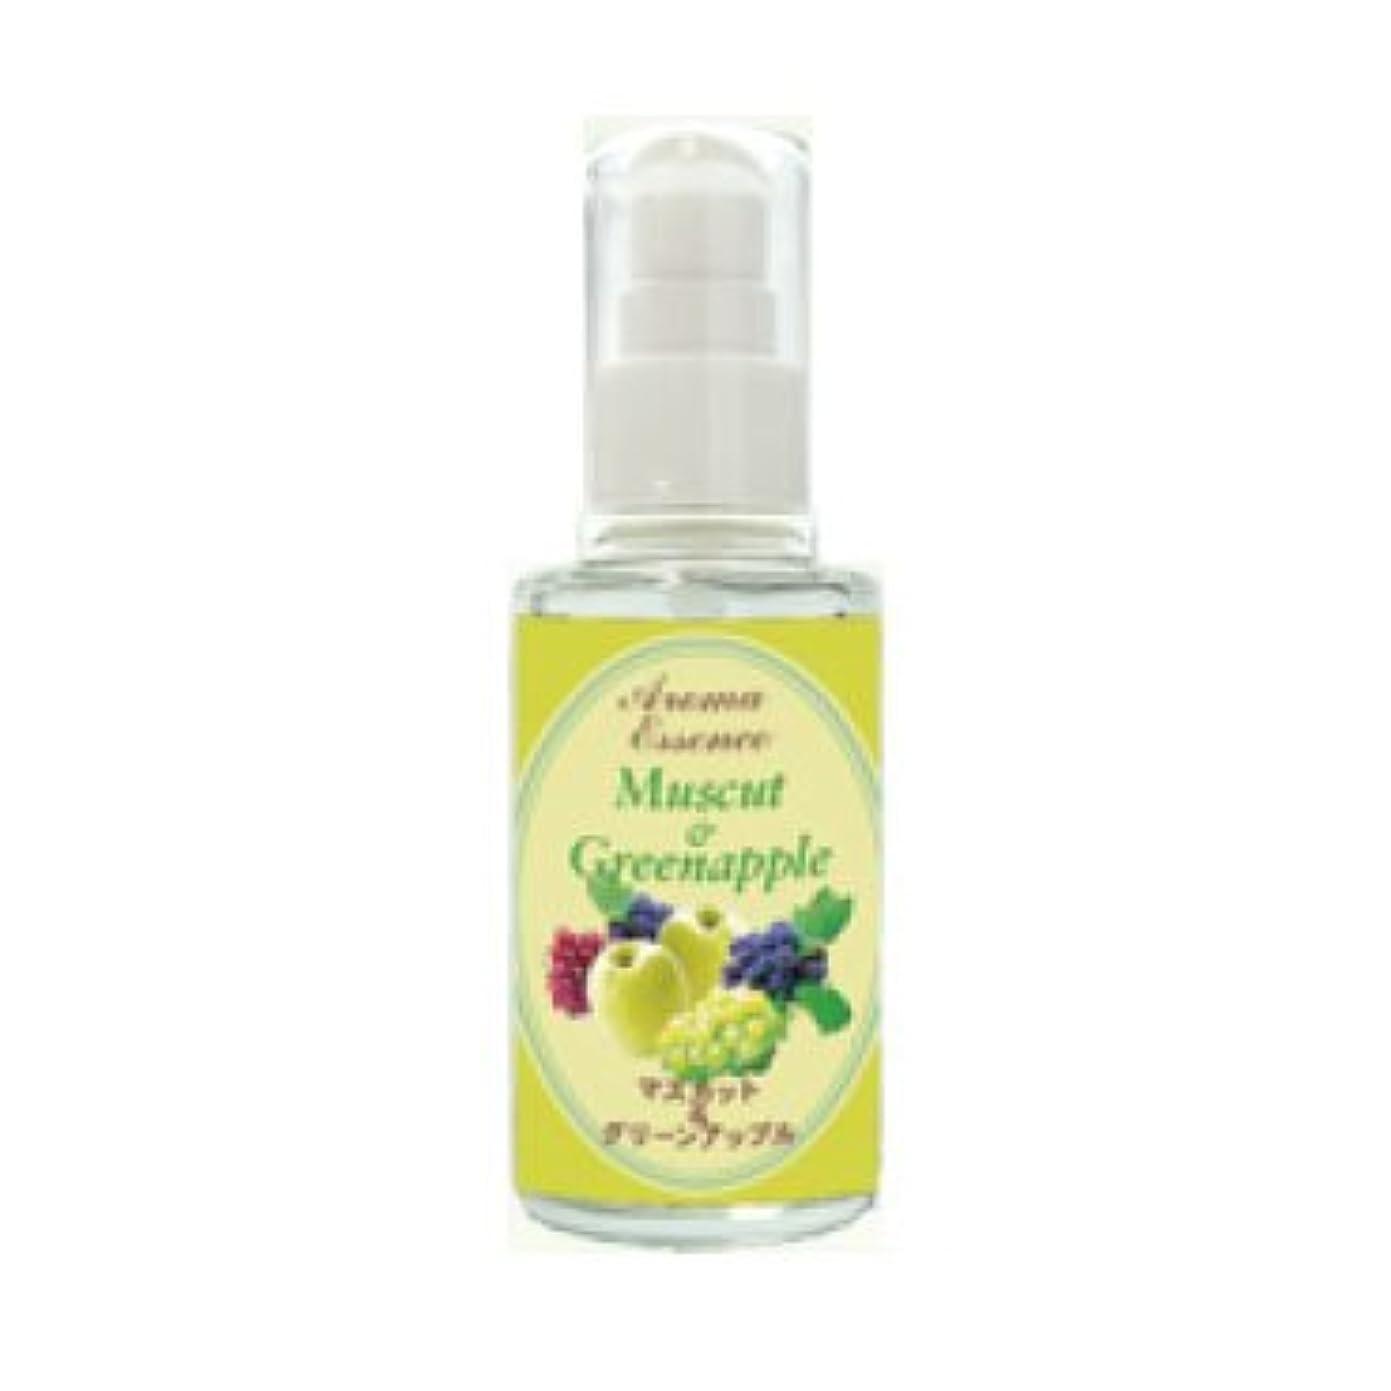 動過剰制限Aroma Essence アロマエッセンス フルーツ系 07 マスカット&グリーンアップル 50ml